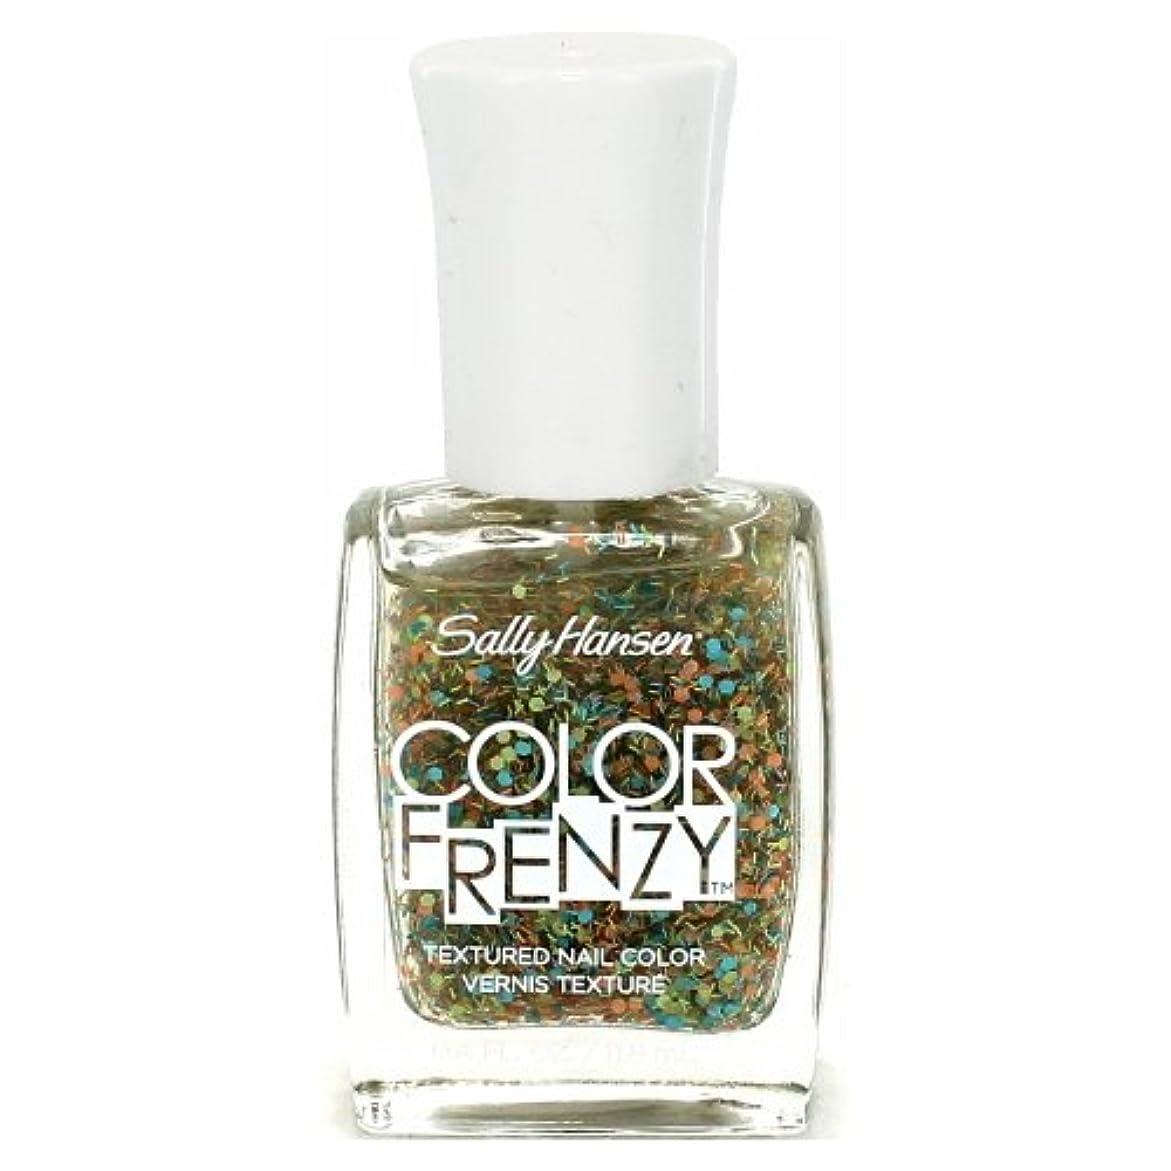 麻酔薬修士号スタッフ(3 Pack) SALLY HANSEN Color Frenzy Textured Nail Color - Paint Party (並行輸入品)